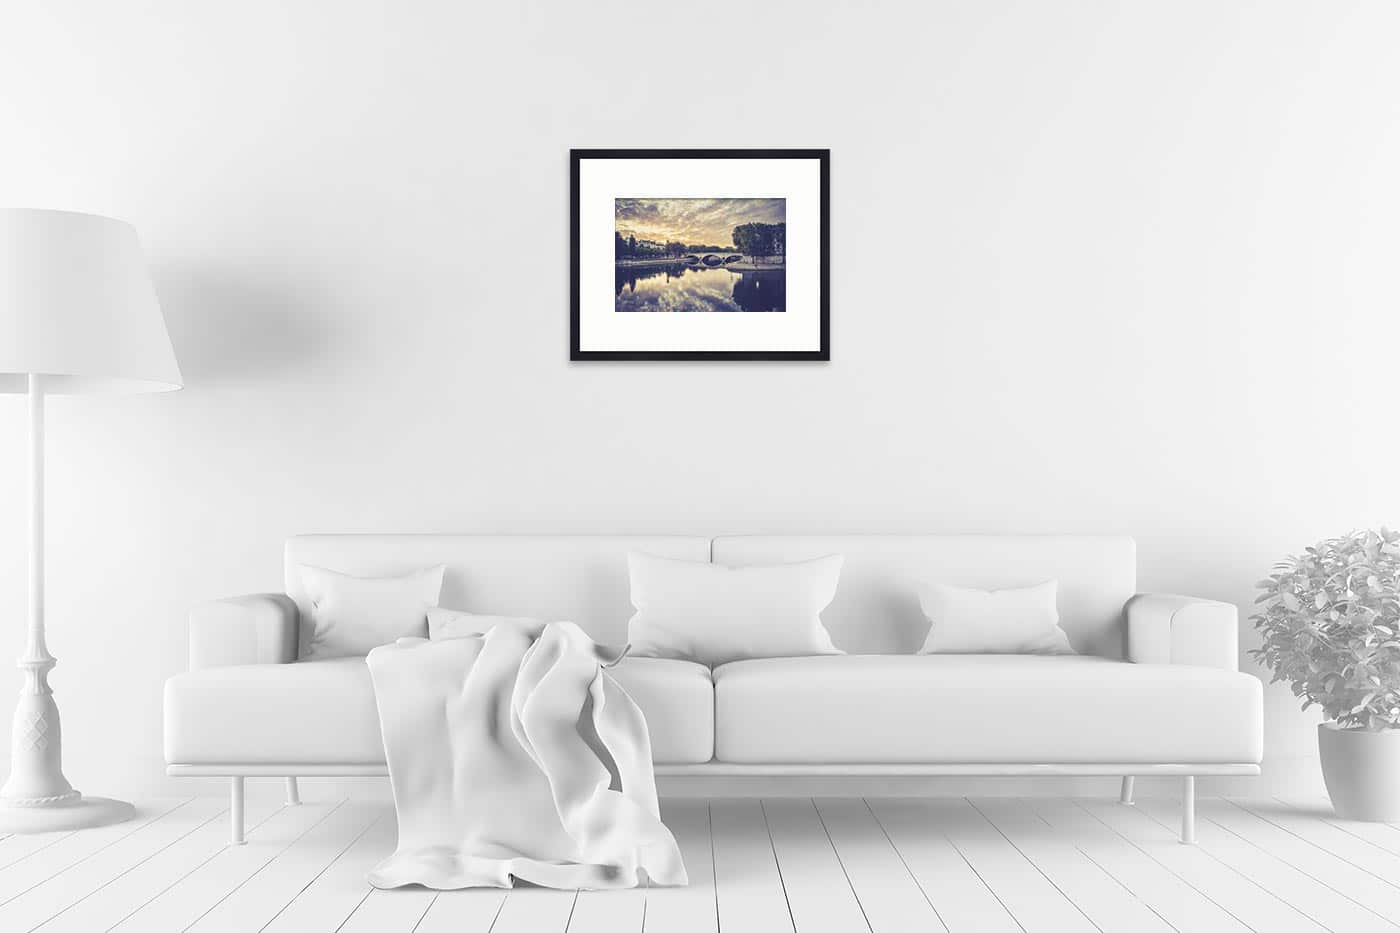 Cadre galerie 40x50 Paris 6H52